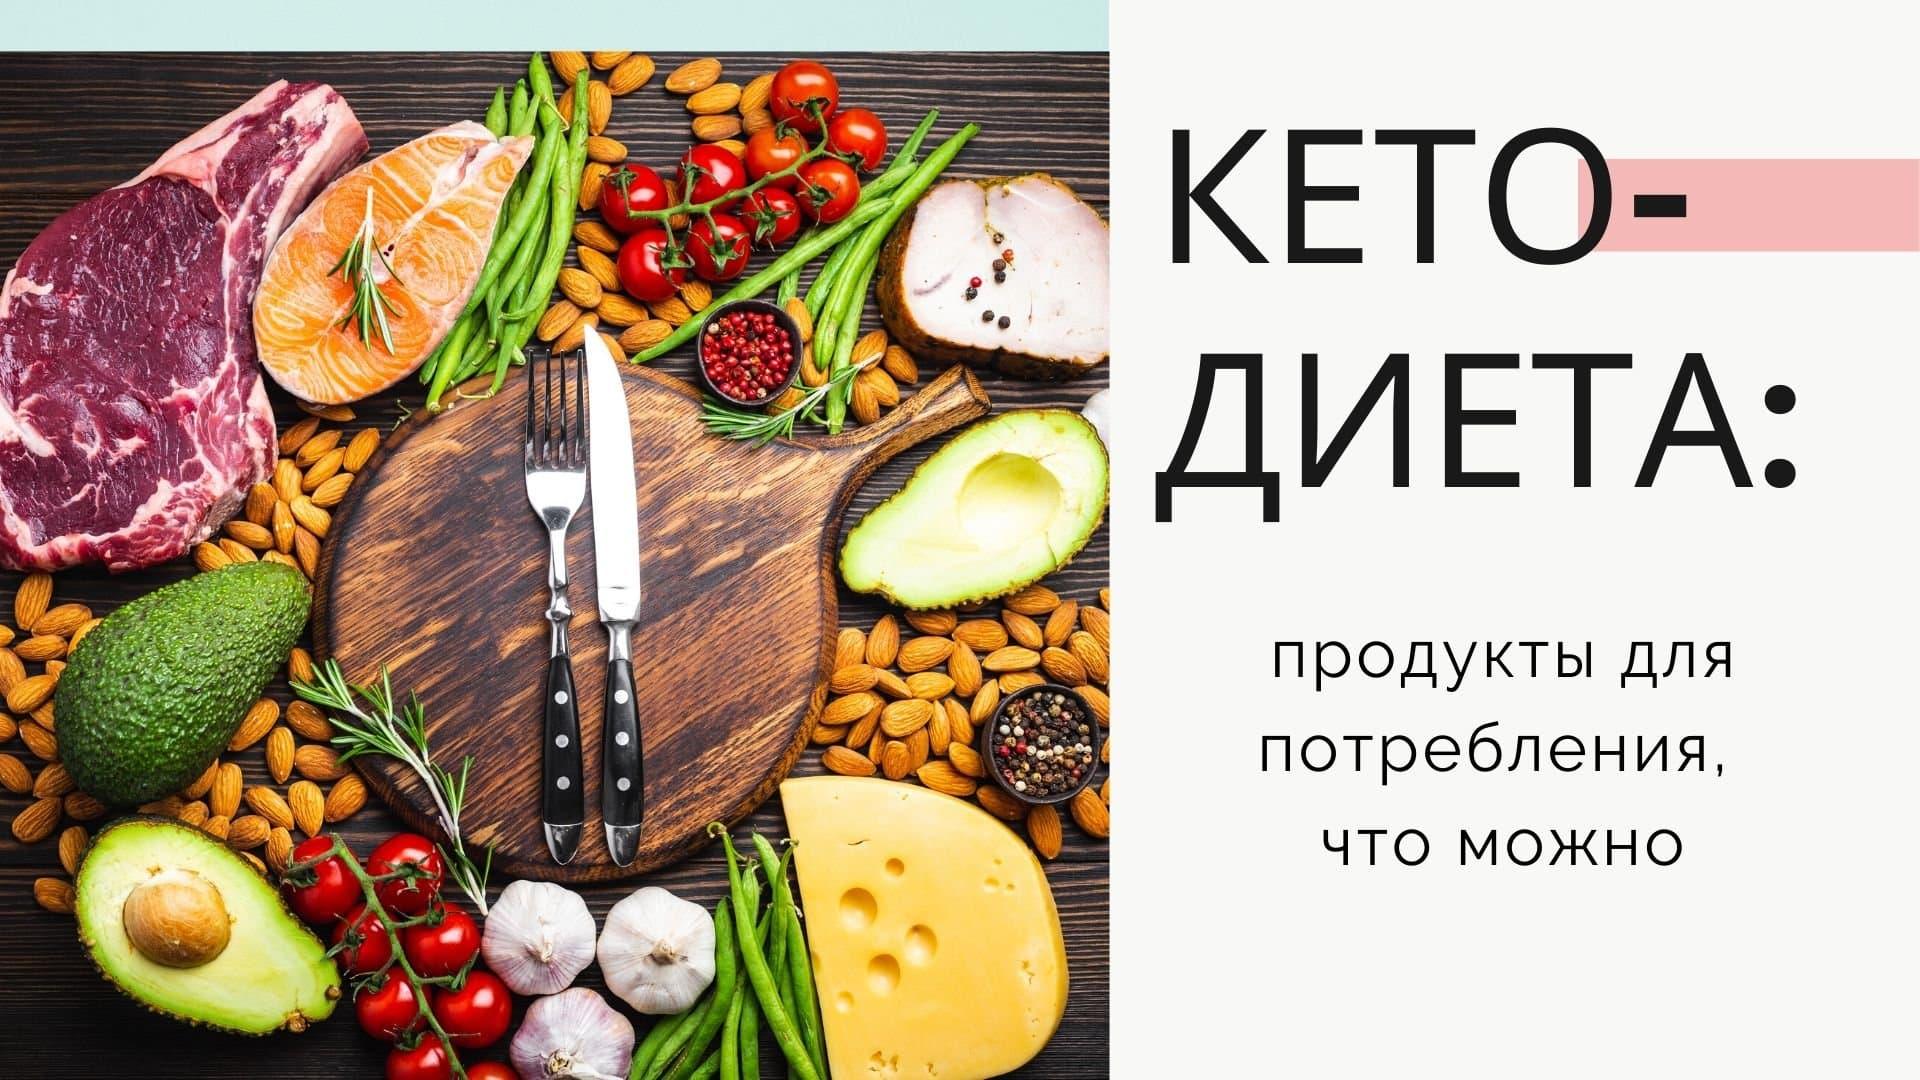 Кето-диета: продукты для потребления, что можно